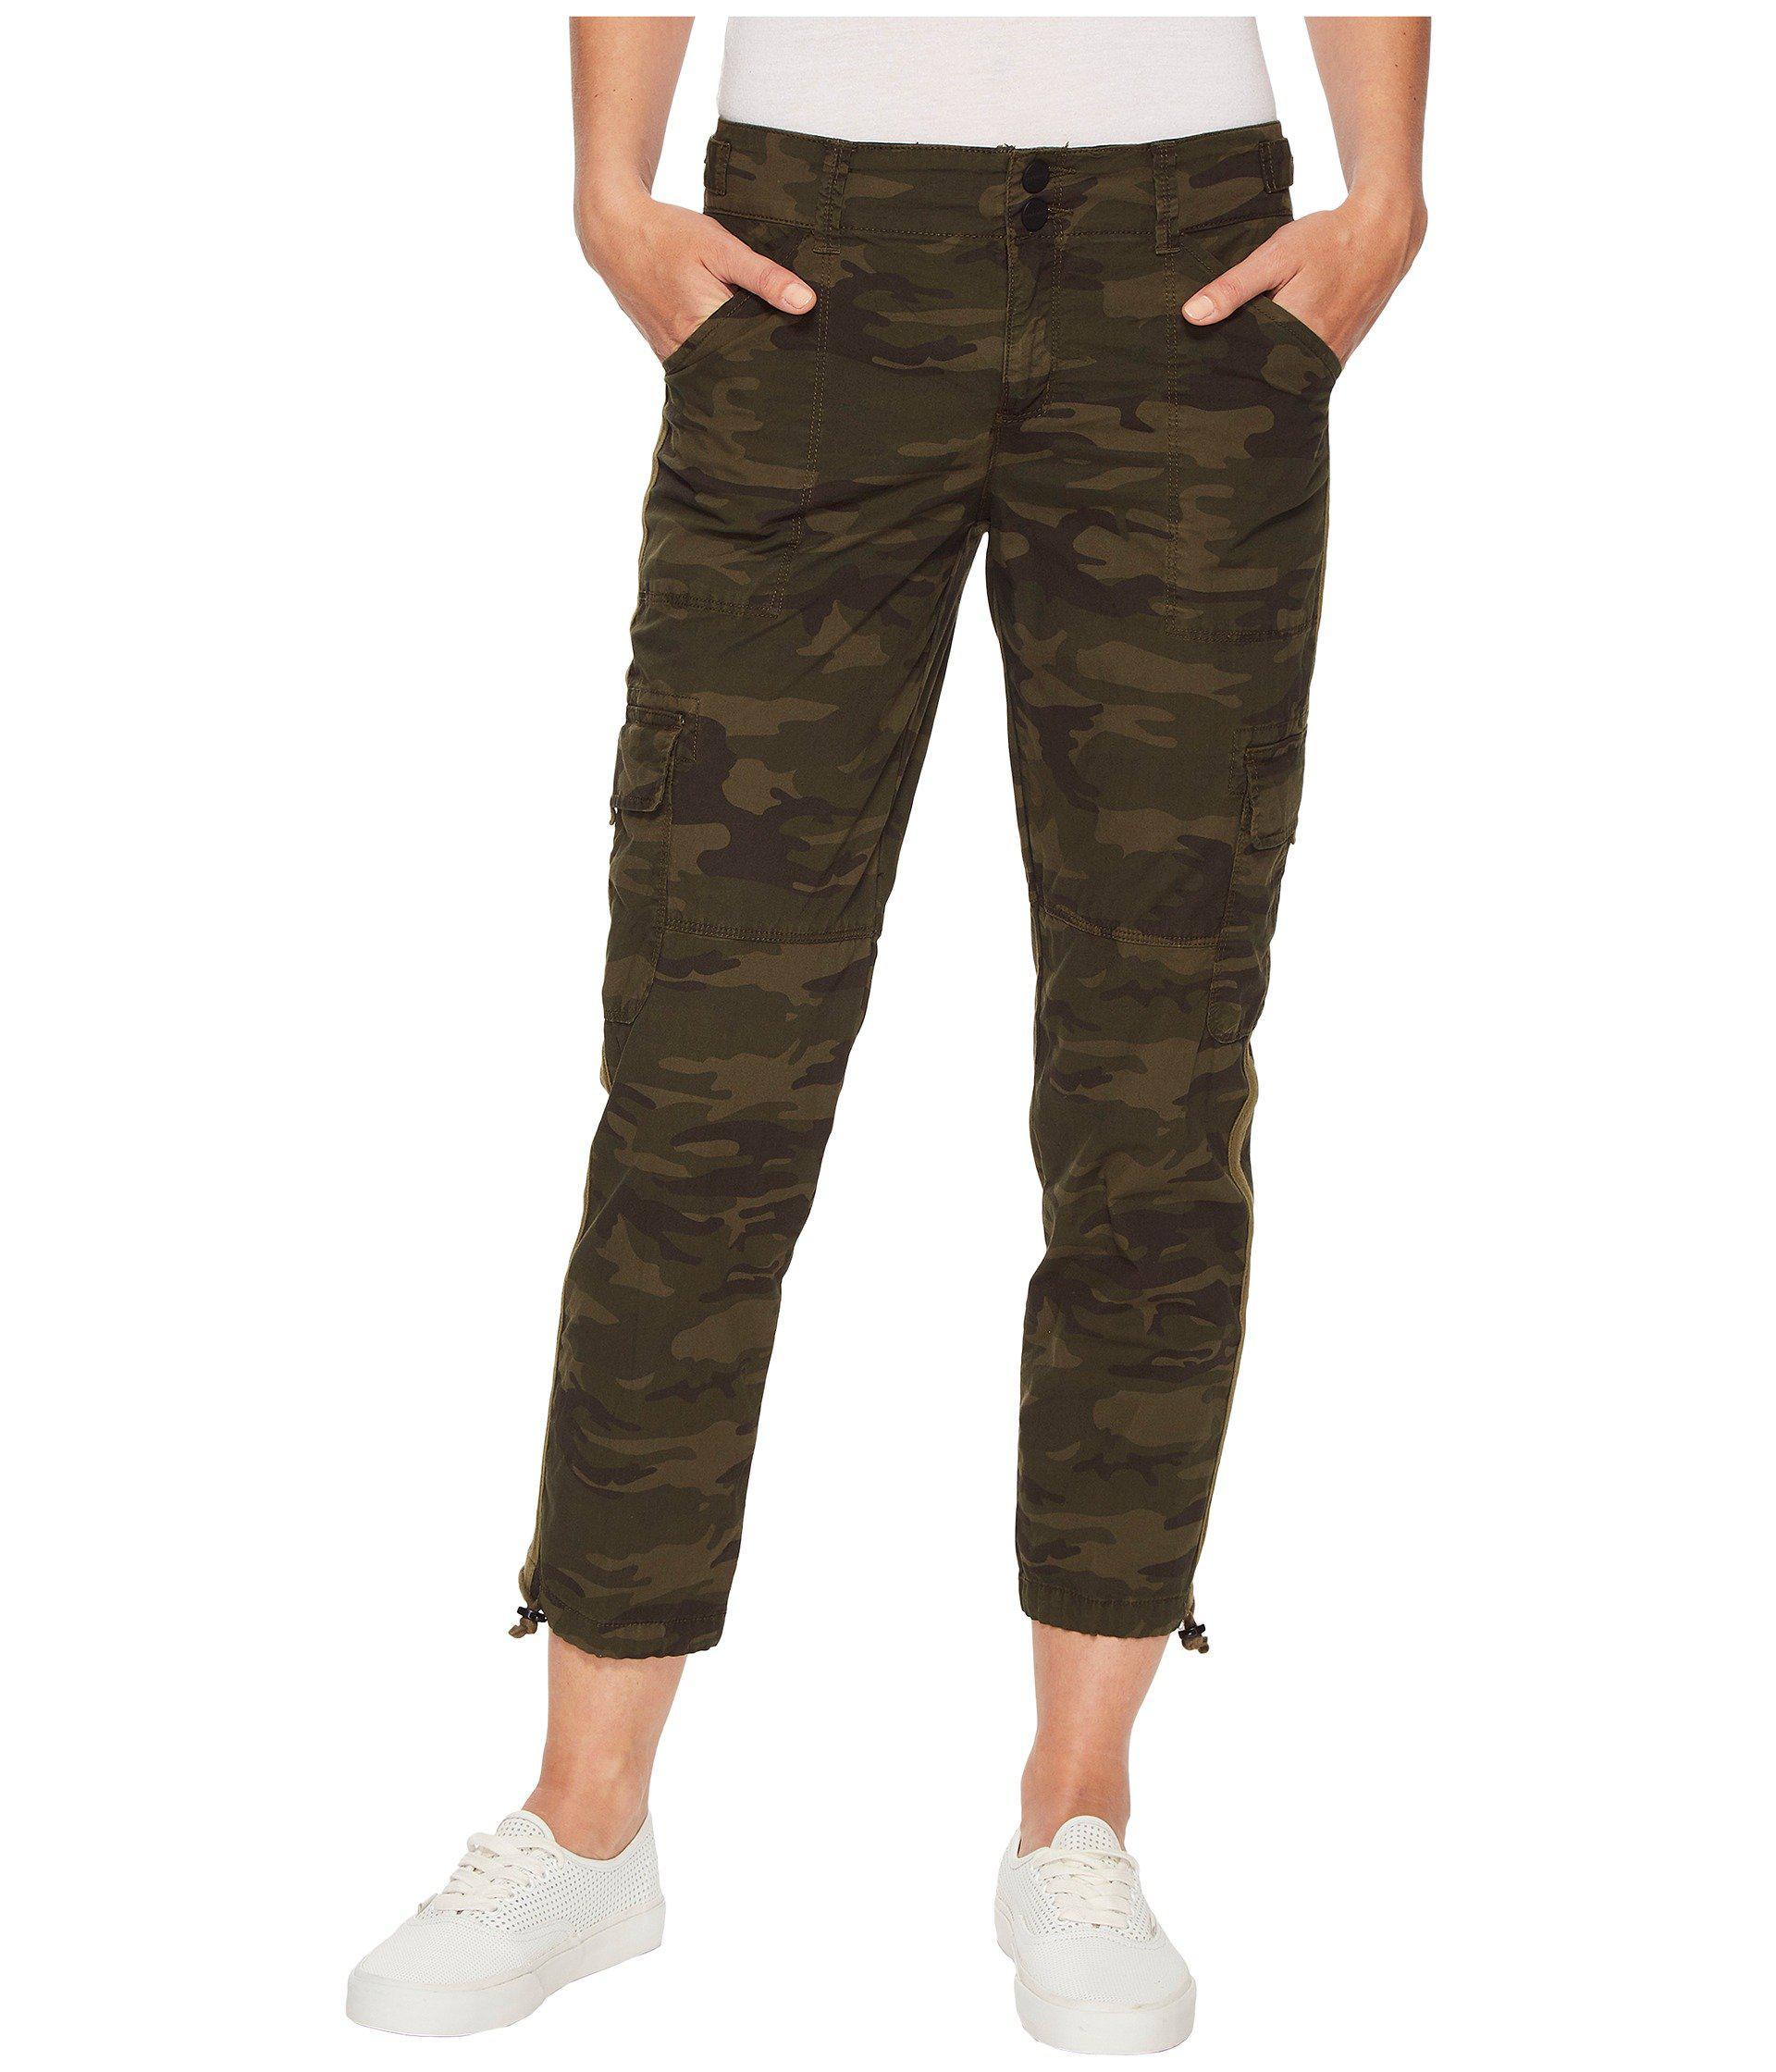 6030dce29ef8 Lyst - Sanctuary Terrain Crop Pants (mother Nature Camo) Women s ...